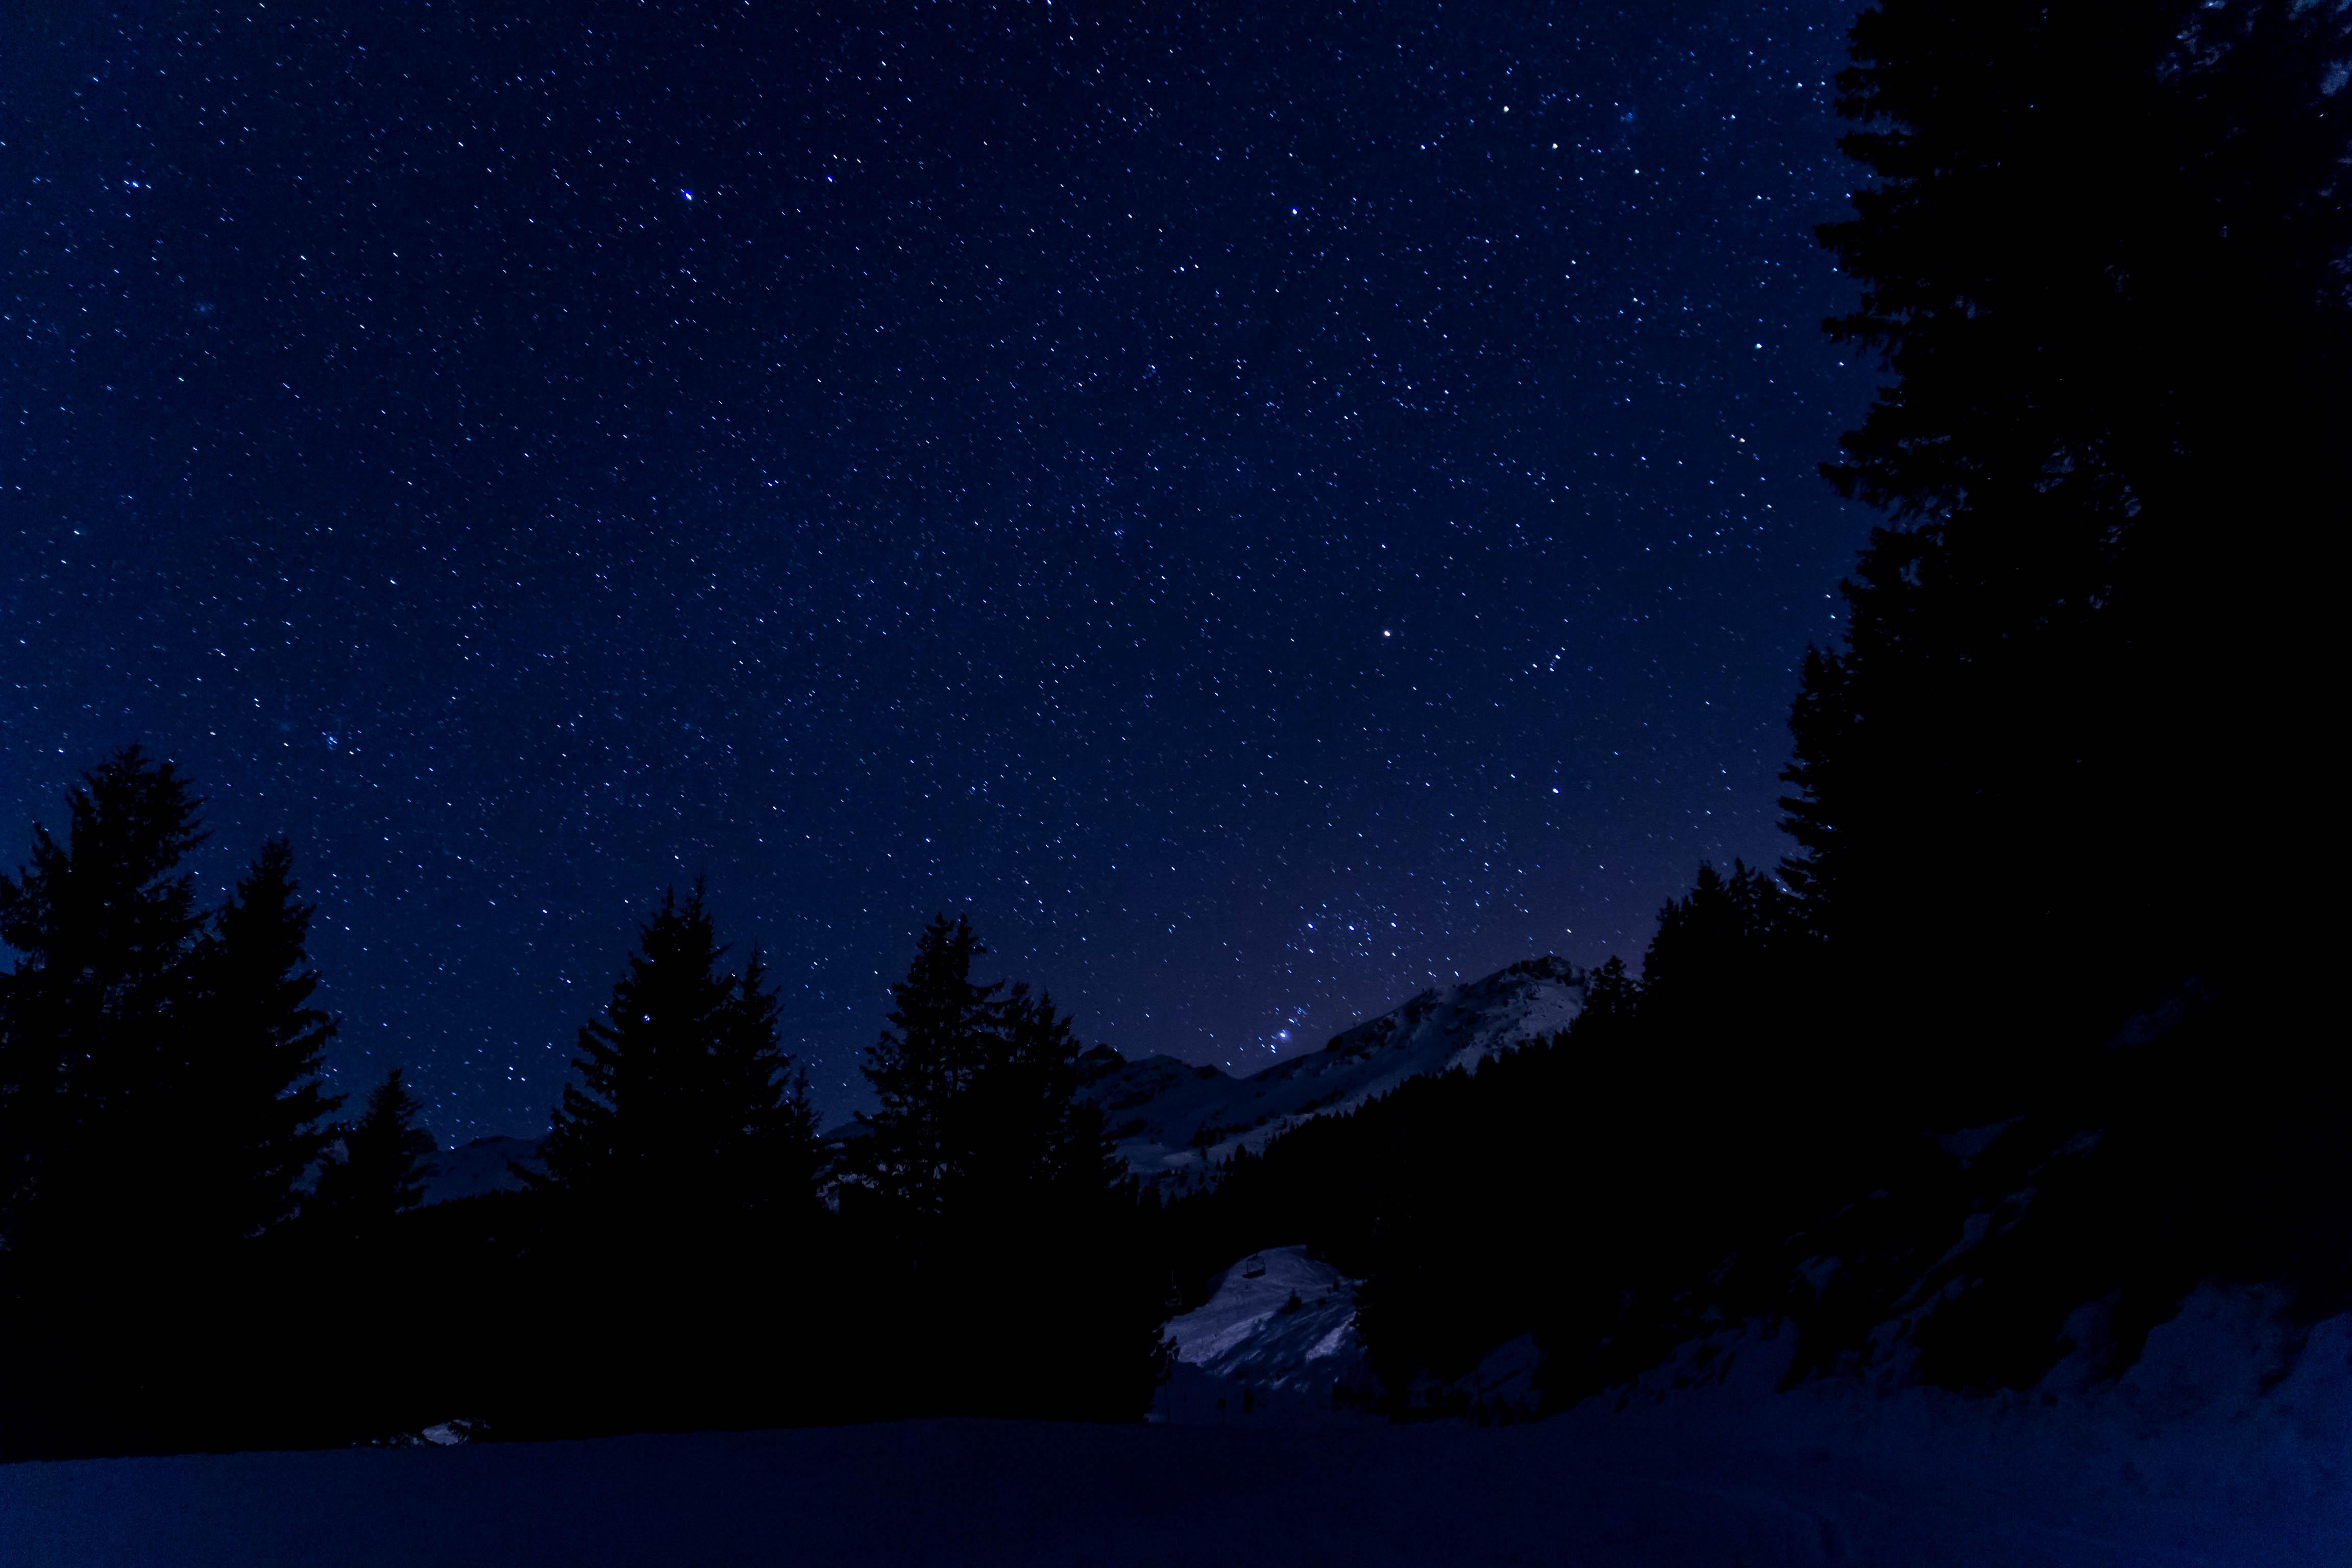 Fondos De Pantalla : Negro, Noche, Cielo, Nieve, Estrellas